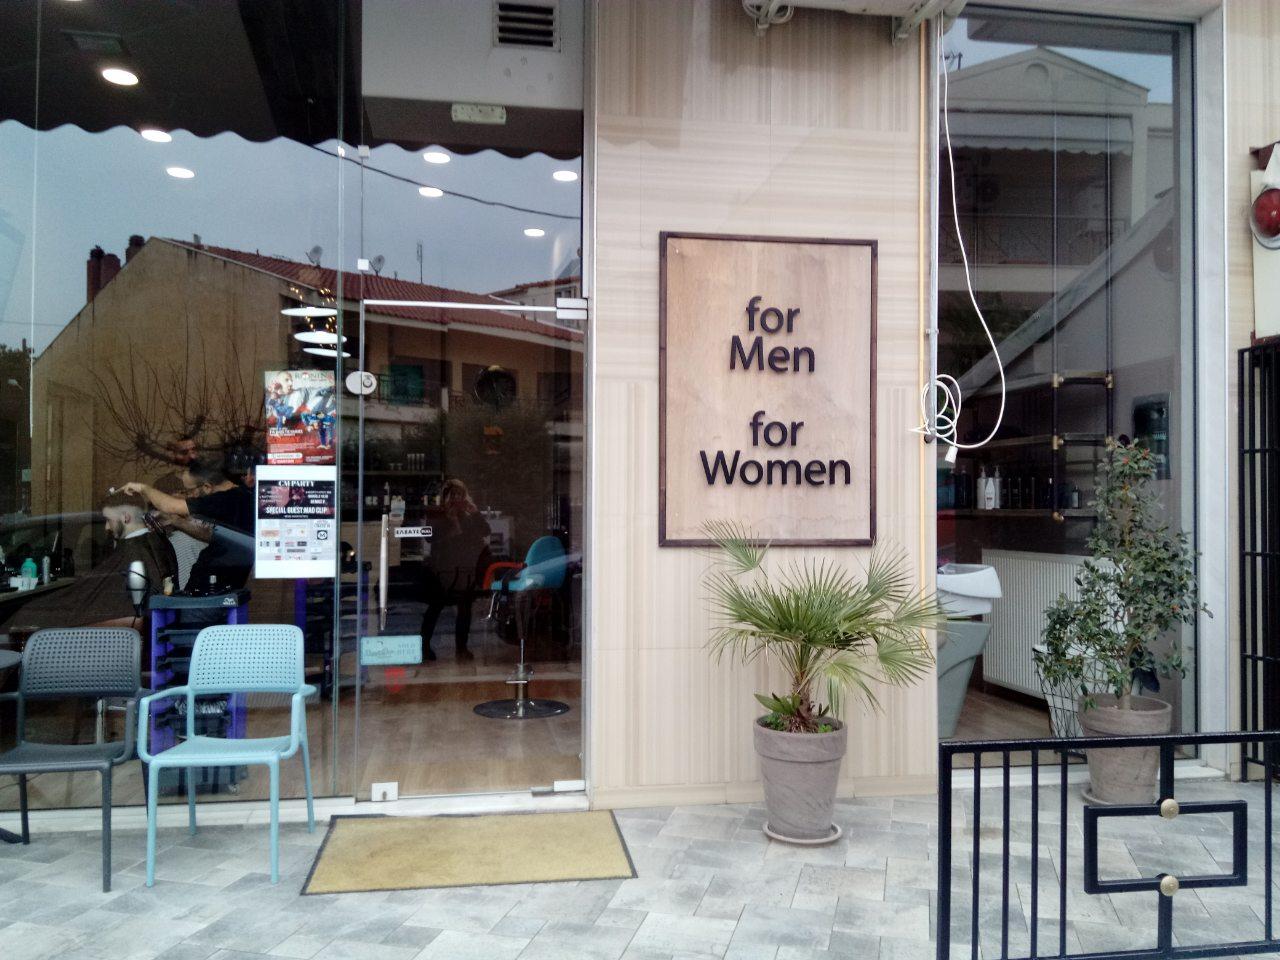 for Men – for Women